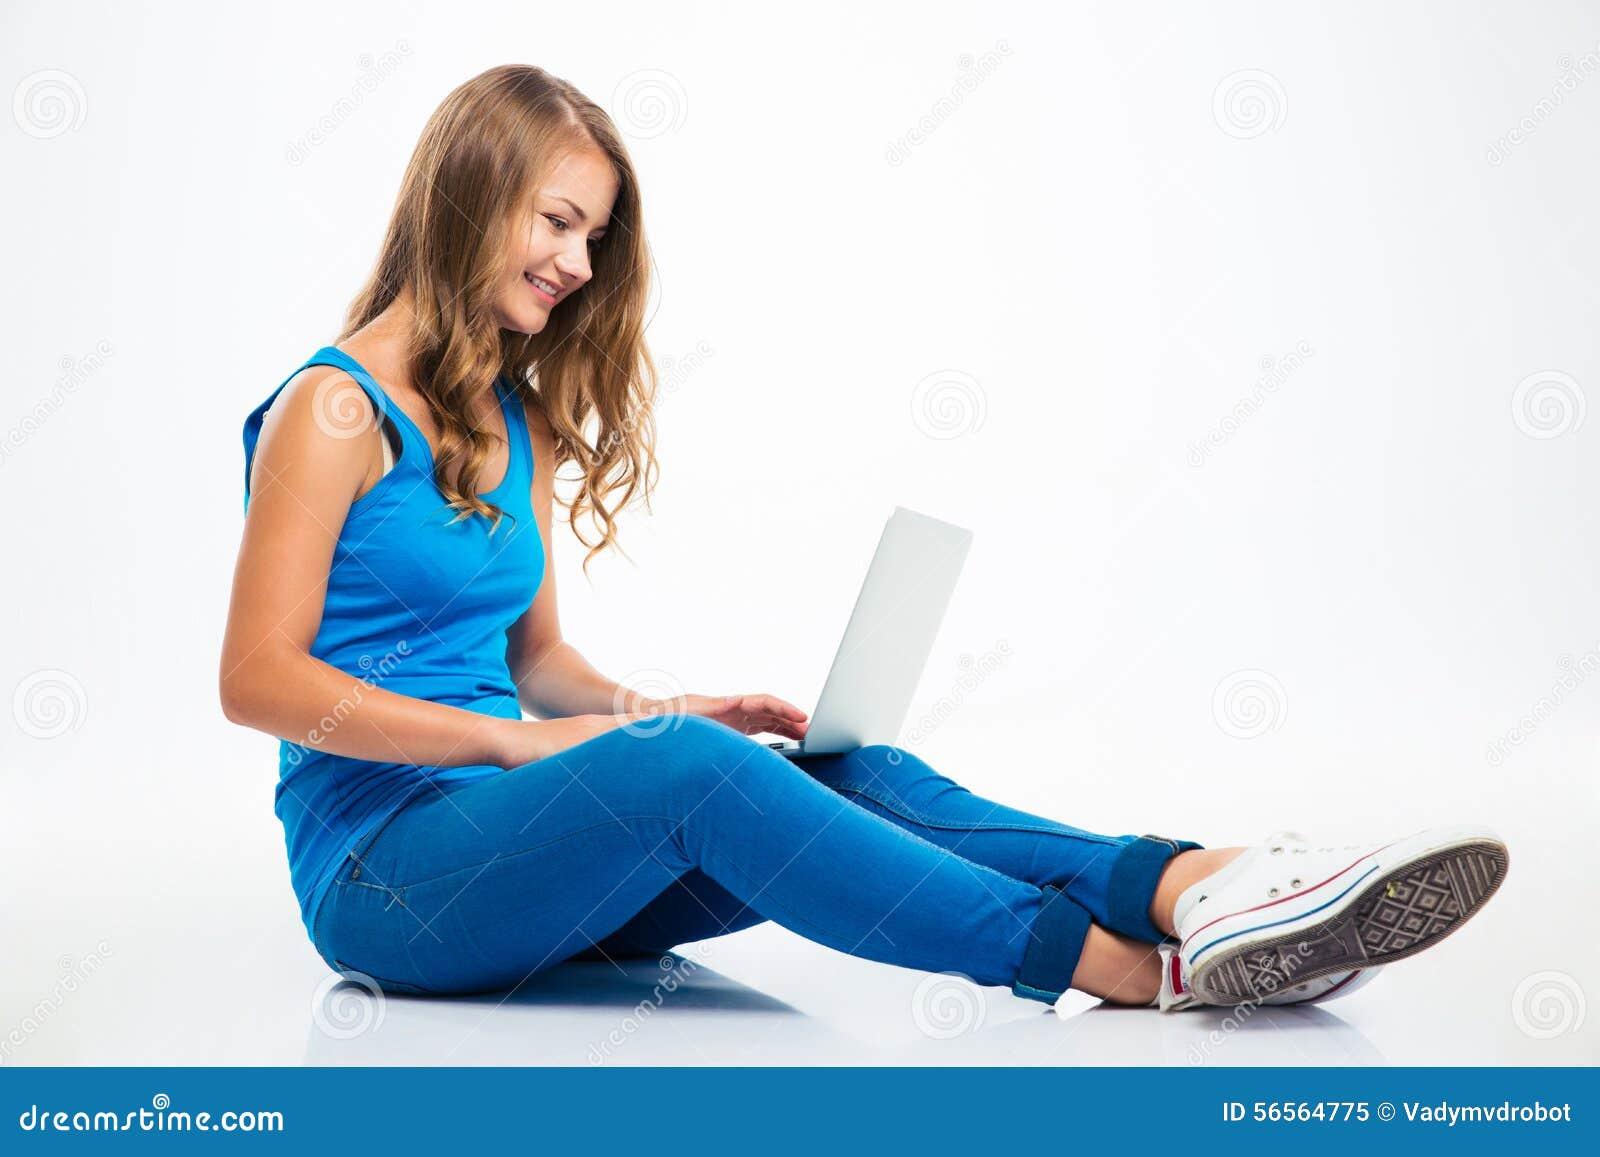 Download Συνεδρίαση κοριτσιών στο πάτωμα και χρησιμοποίηση του Lap-top Στοκ Εικόνα - εικόνα από ευτυχία, υπολογιστής: 56564775